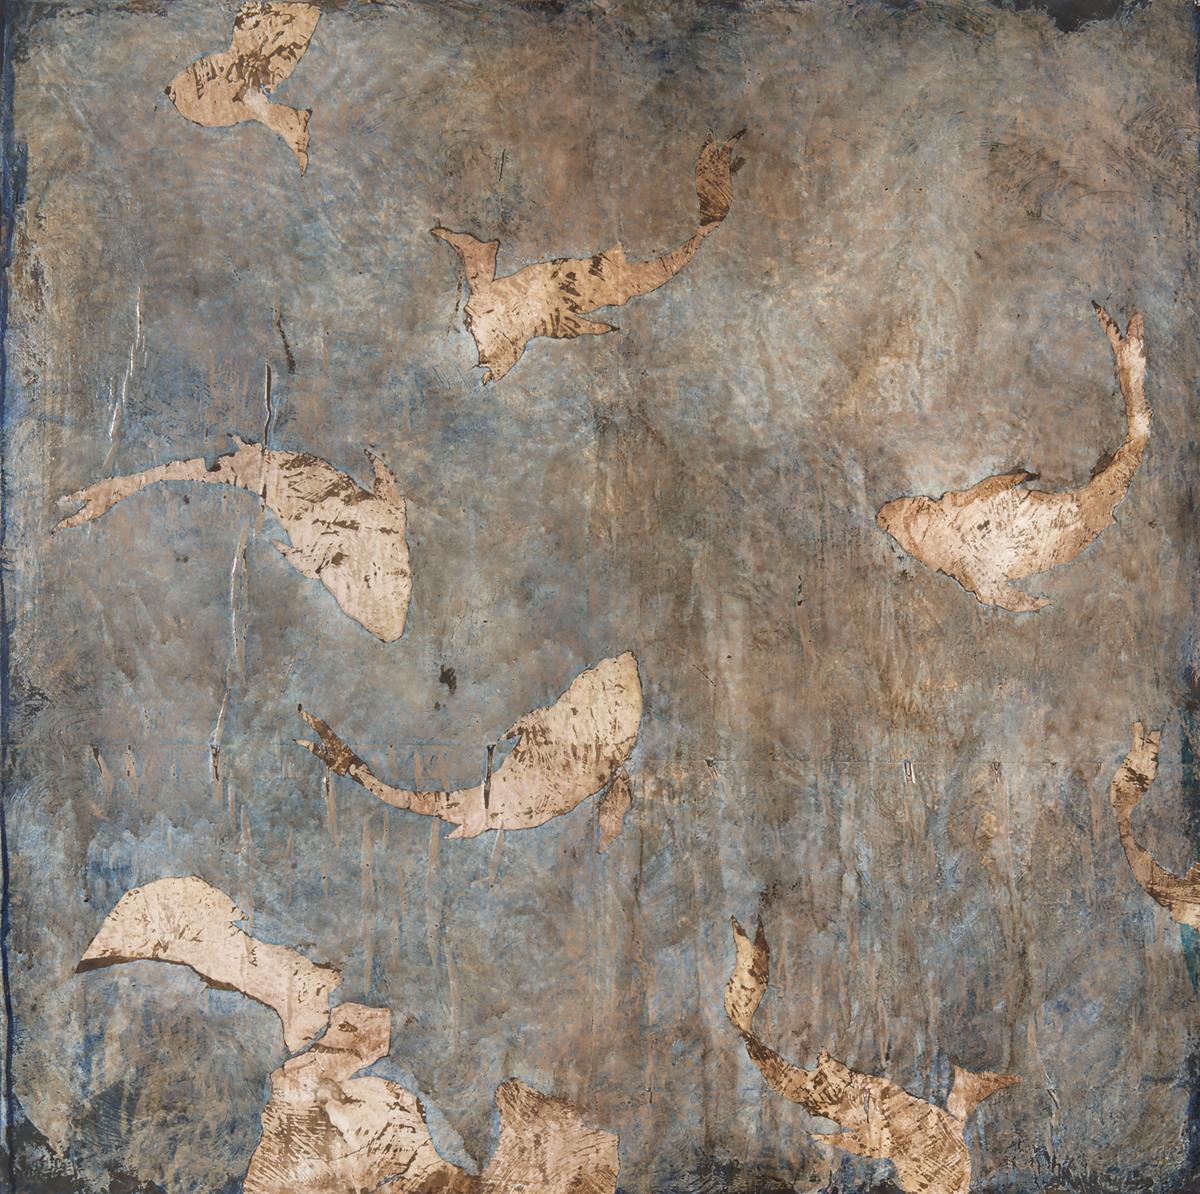 SOLD Aquatique, Mixed media on canvas, 39 x 39 inches, 2017